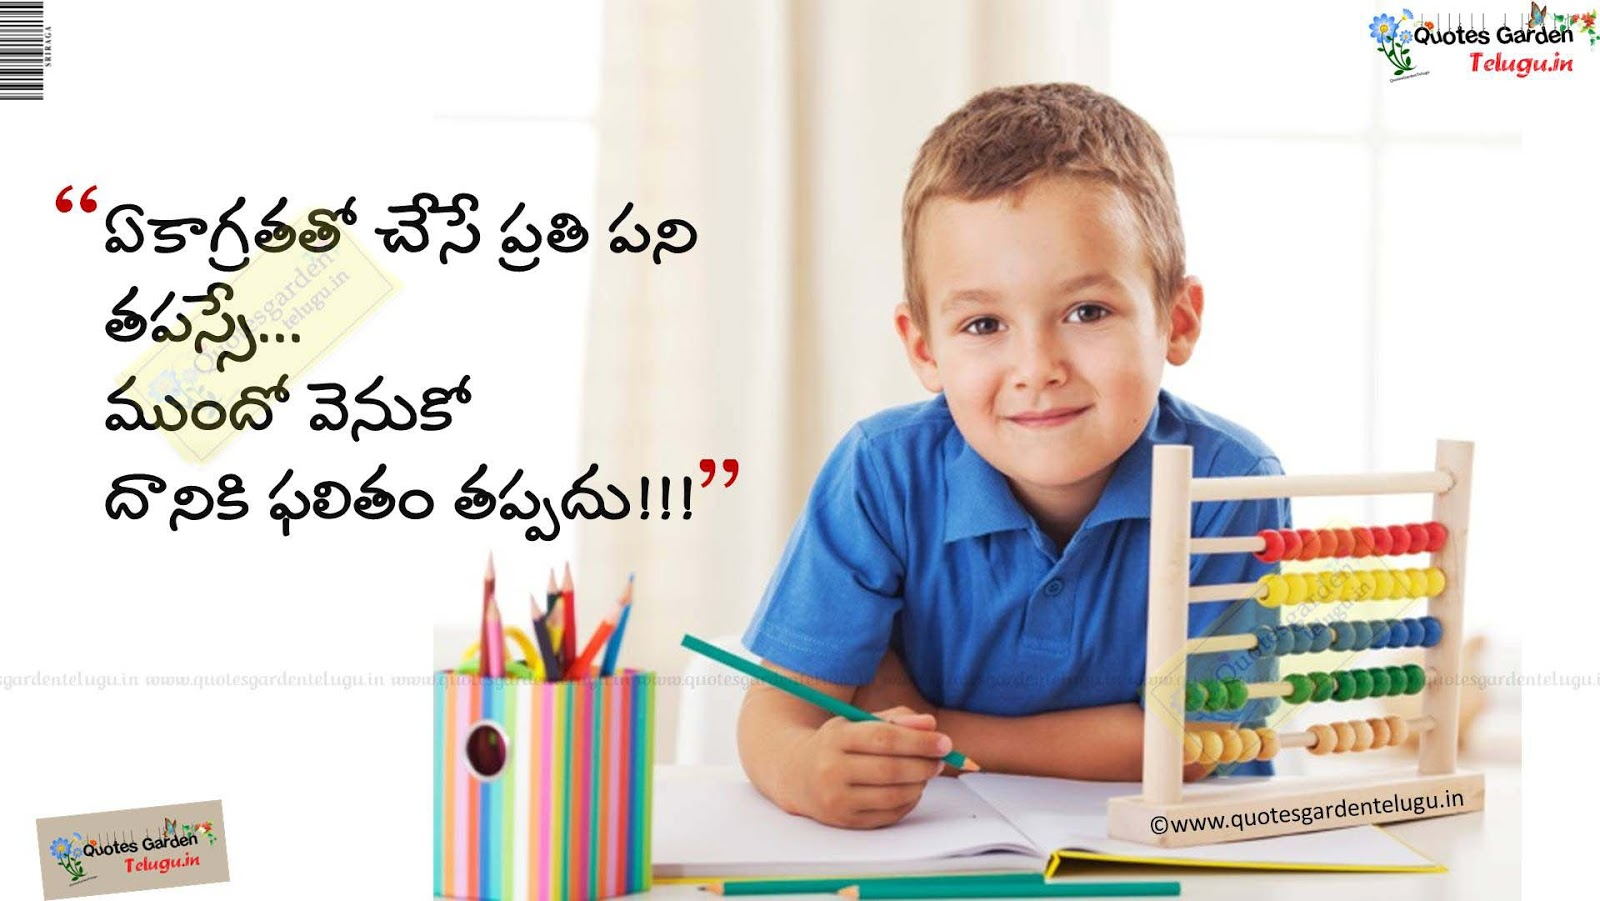 ... QUOTES GARDEN TELUGU | Telugu Quotes | English Quotes | Hindi Quotes